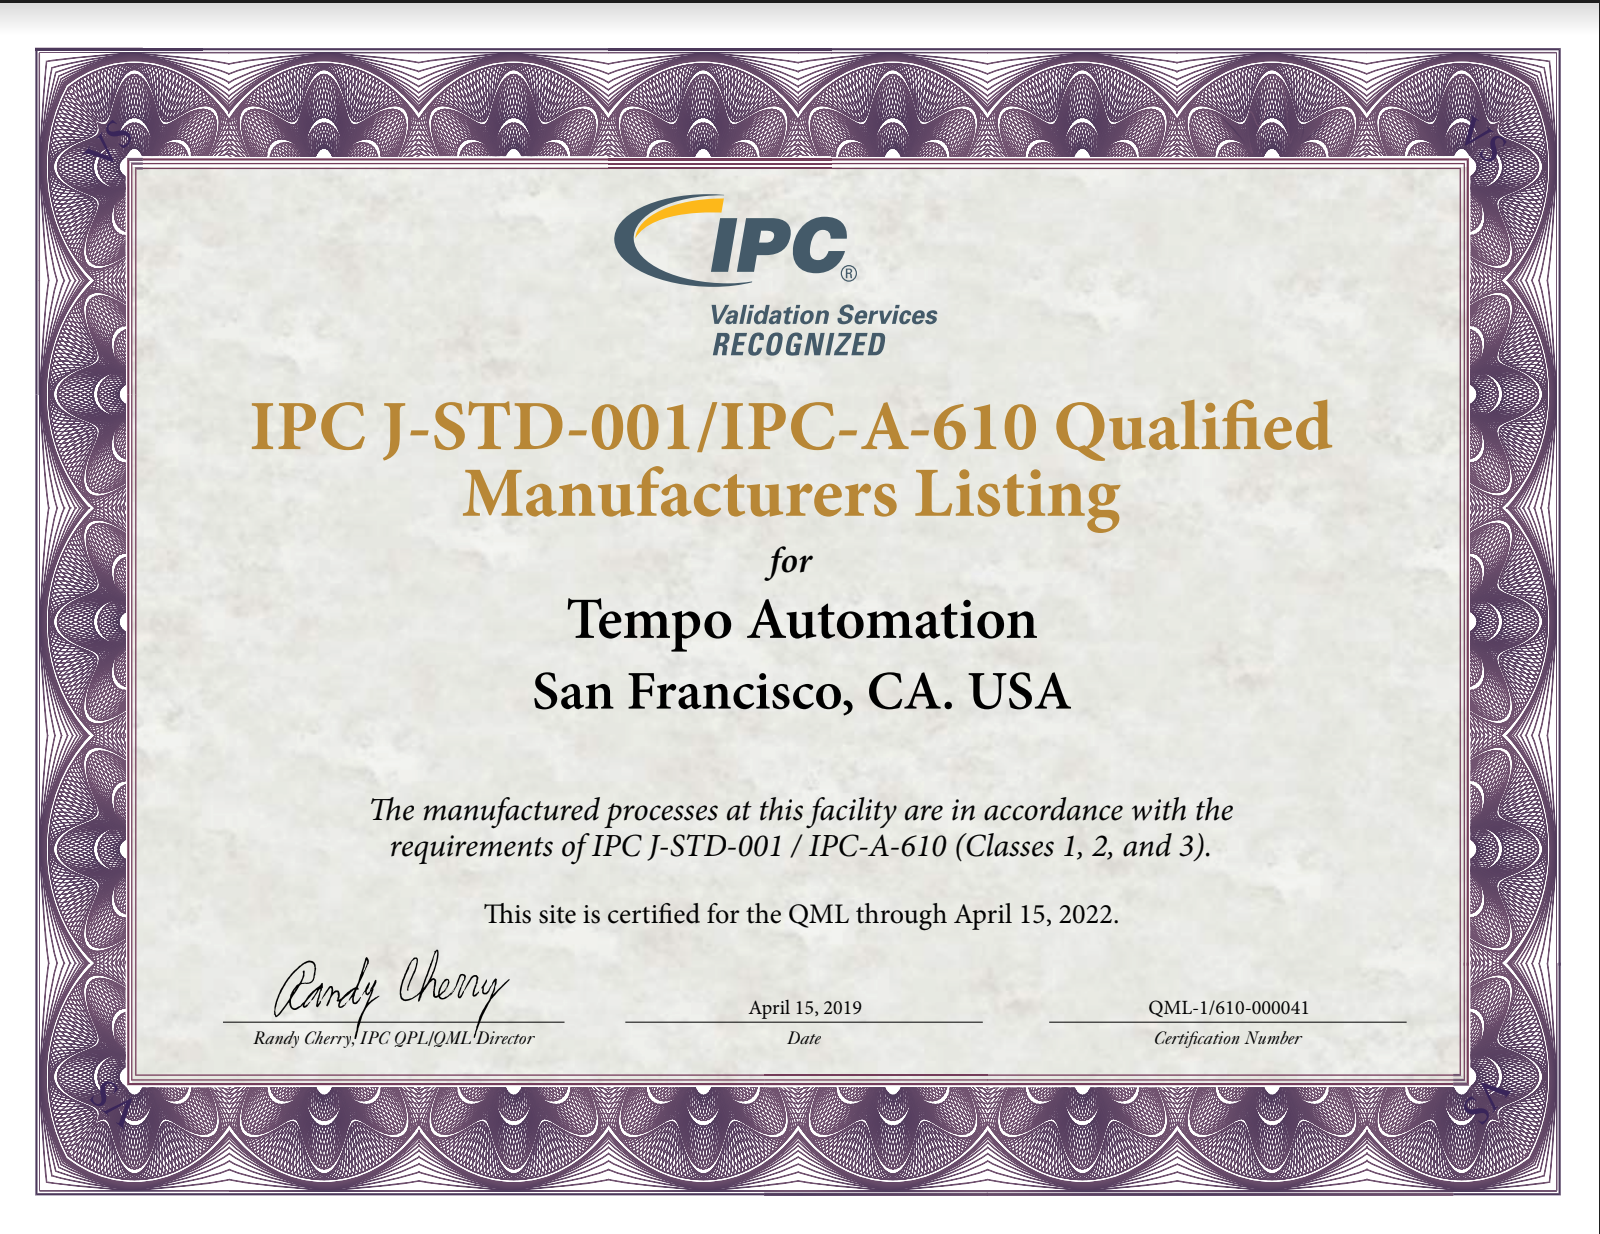 IPC-A-610:J-STD-001